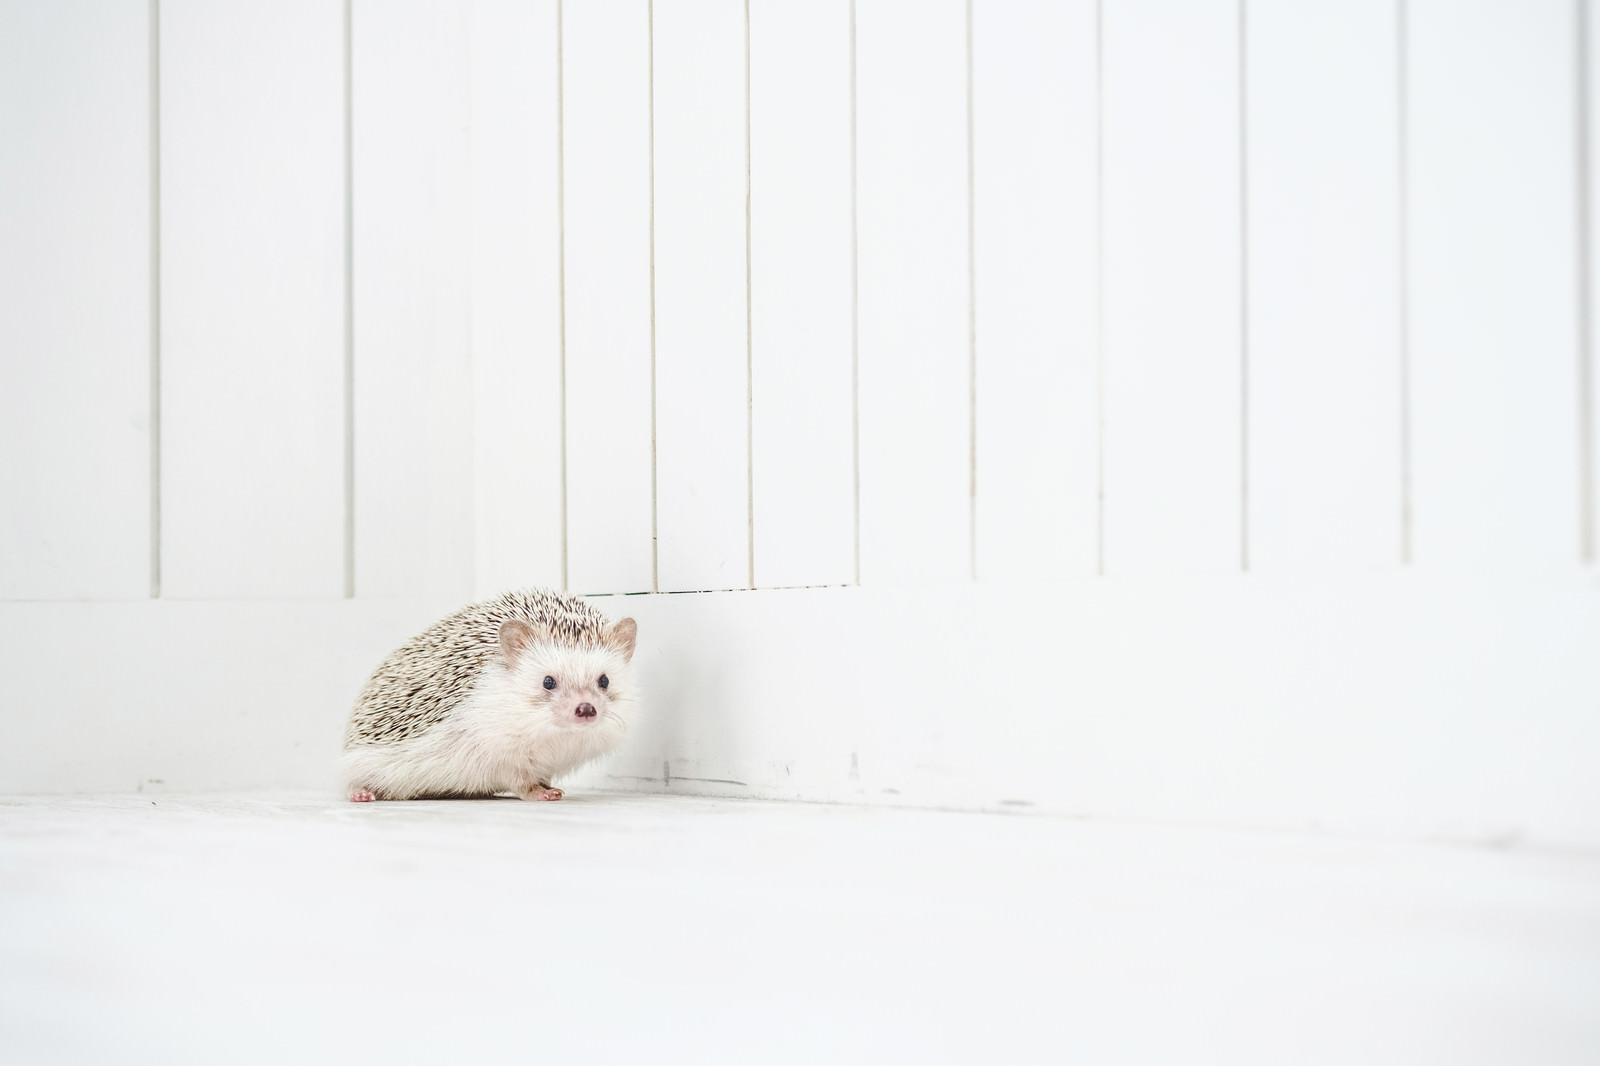 「小さくて愛くるしいハリネズミ小さくて愛くるしいハリネズミ」のフリー写真素材を拡大